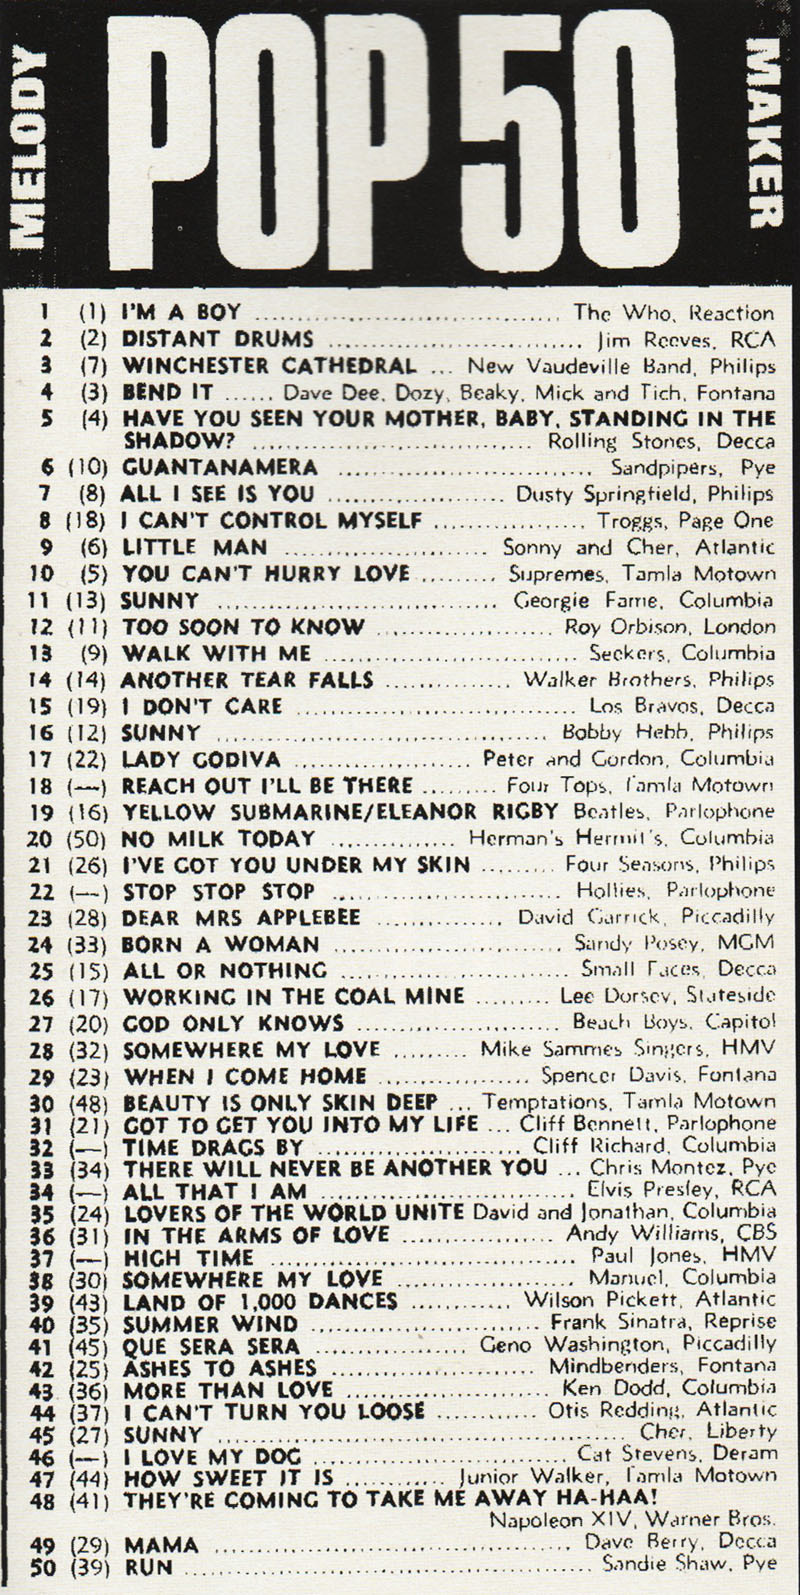 1966 chart